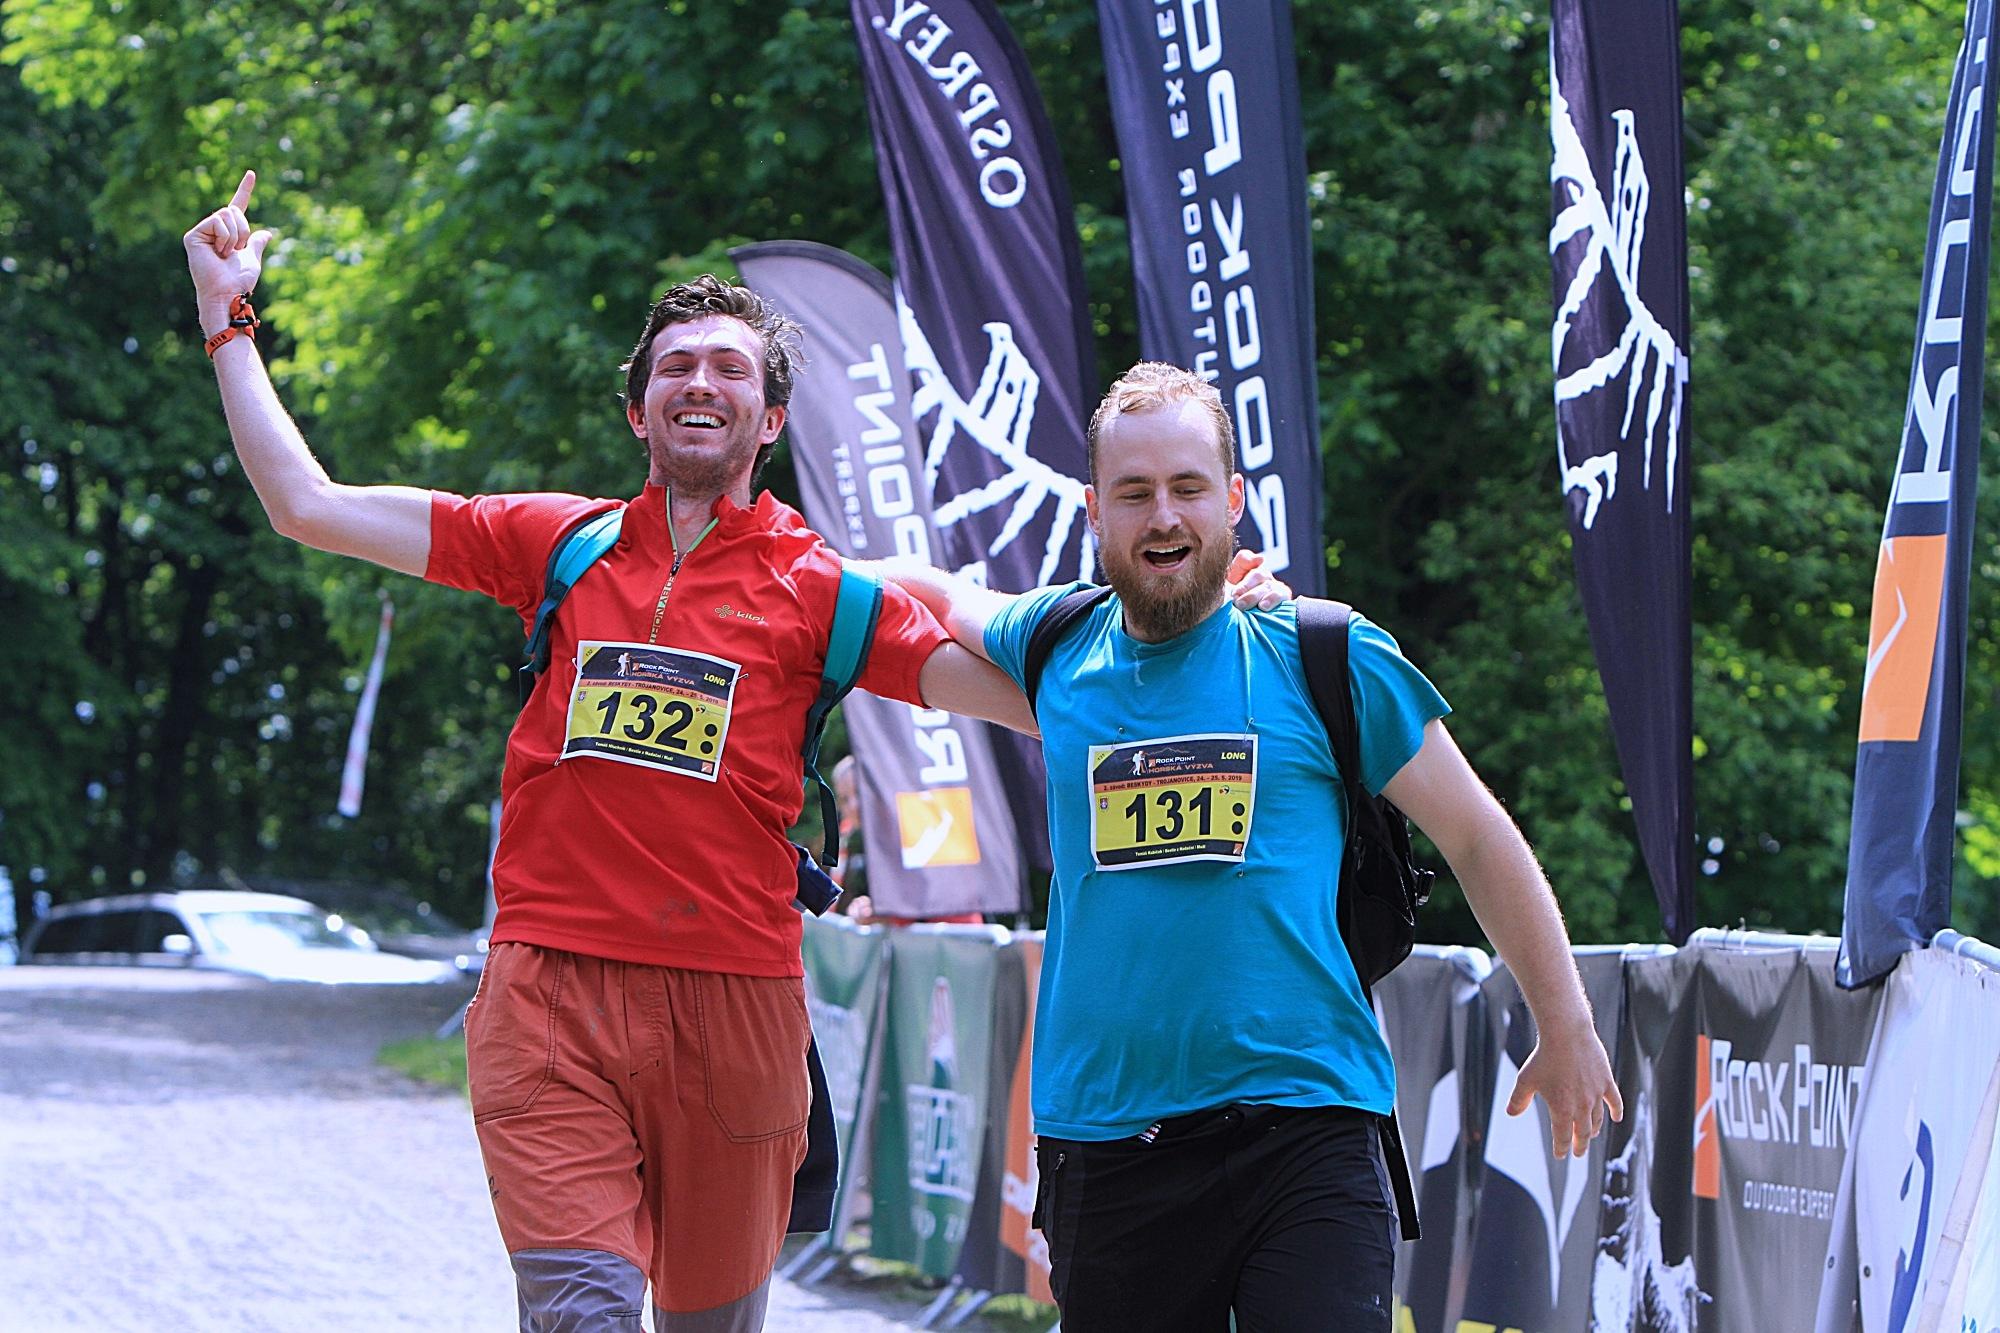 učitelé z Oder Tomáš Hluchník a Tomáš Kubíček (zleva) zdroj foto: P. Pátek/PatRESS.cz